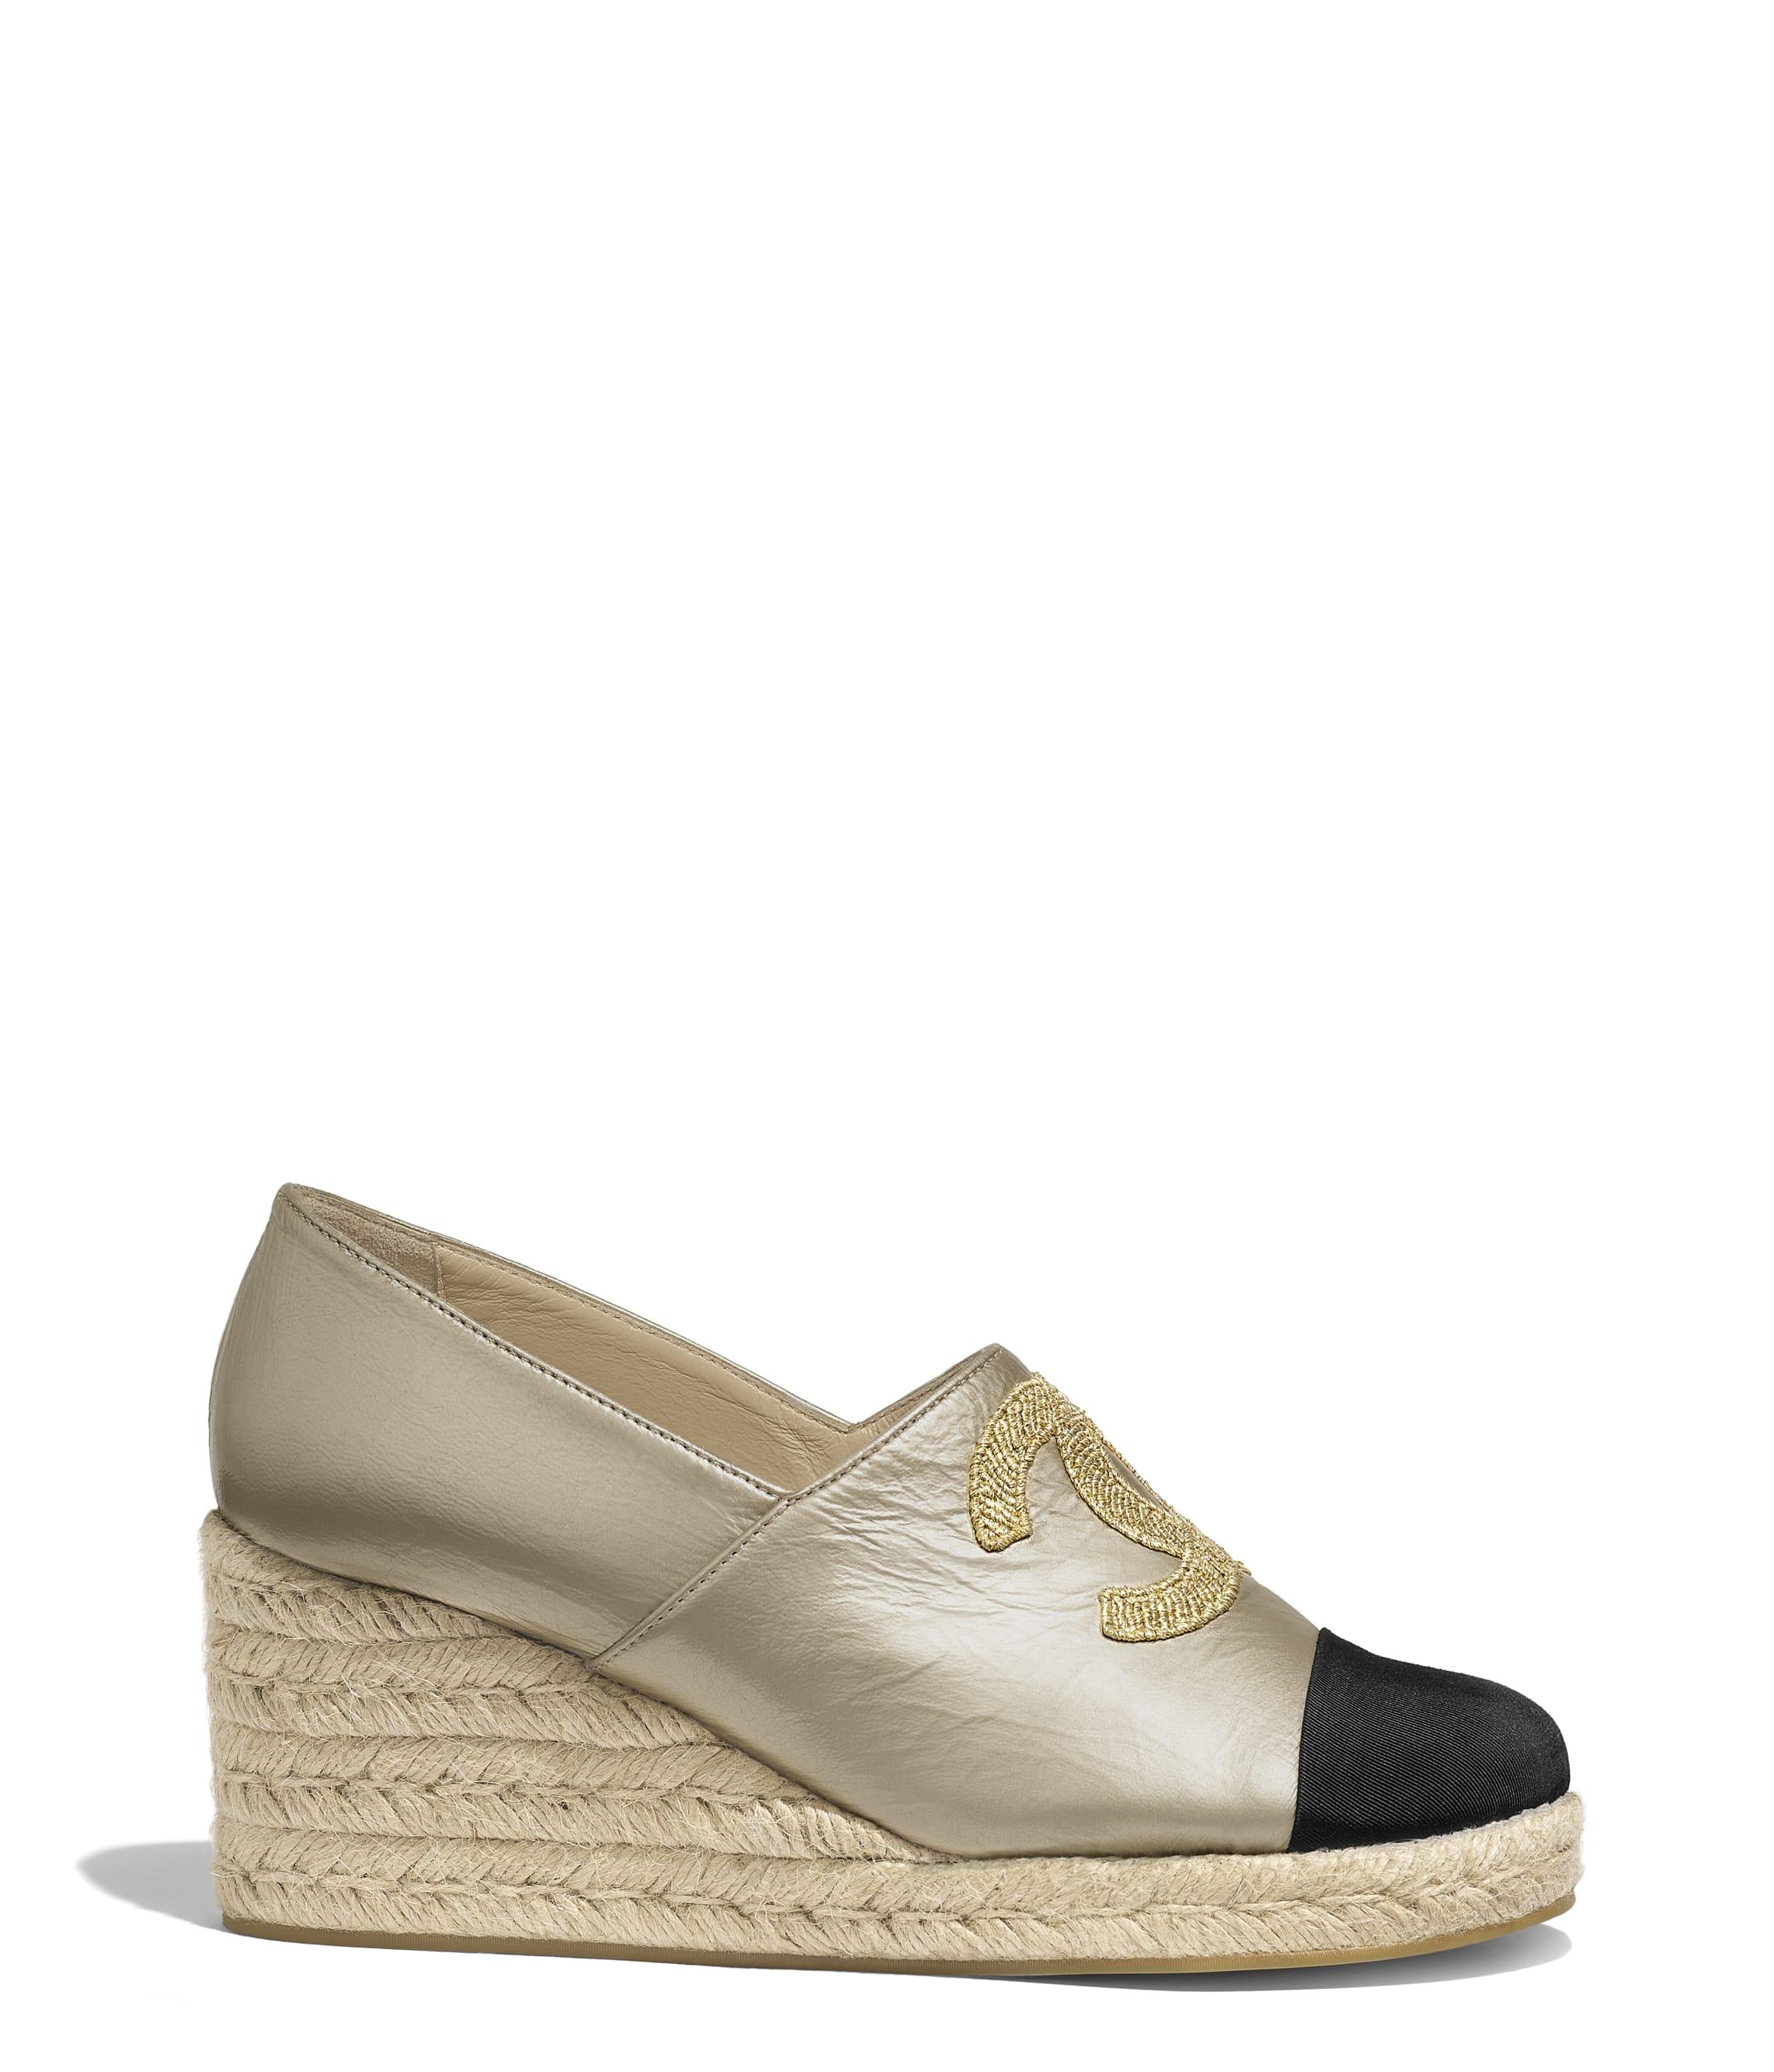 e95af8e4d45 Espadrilles - Chaussures - CHANEL